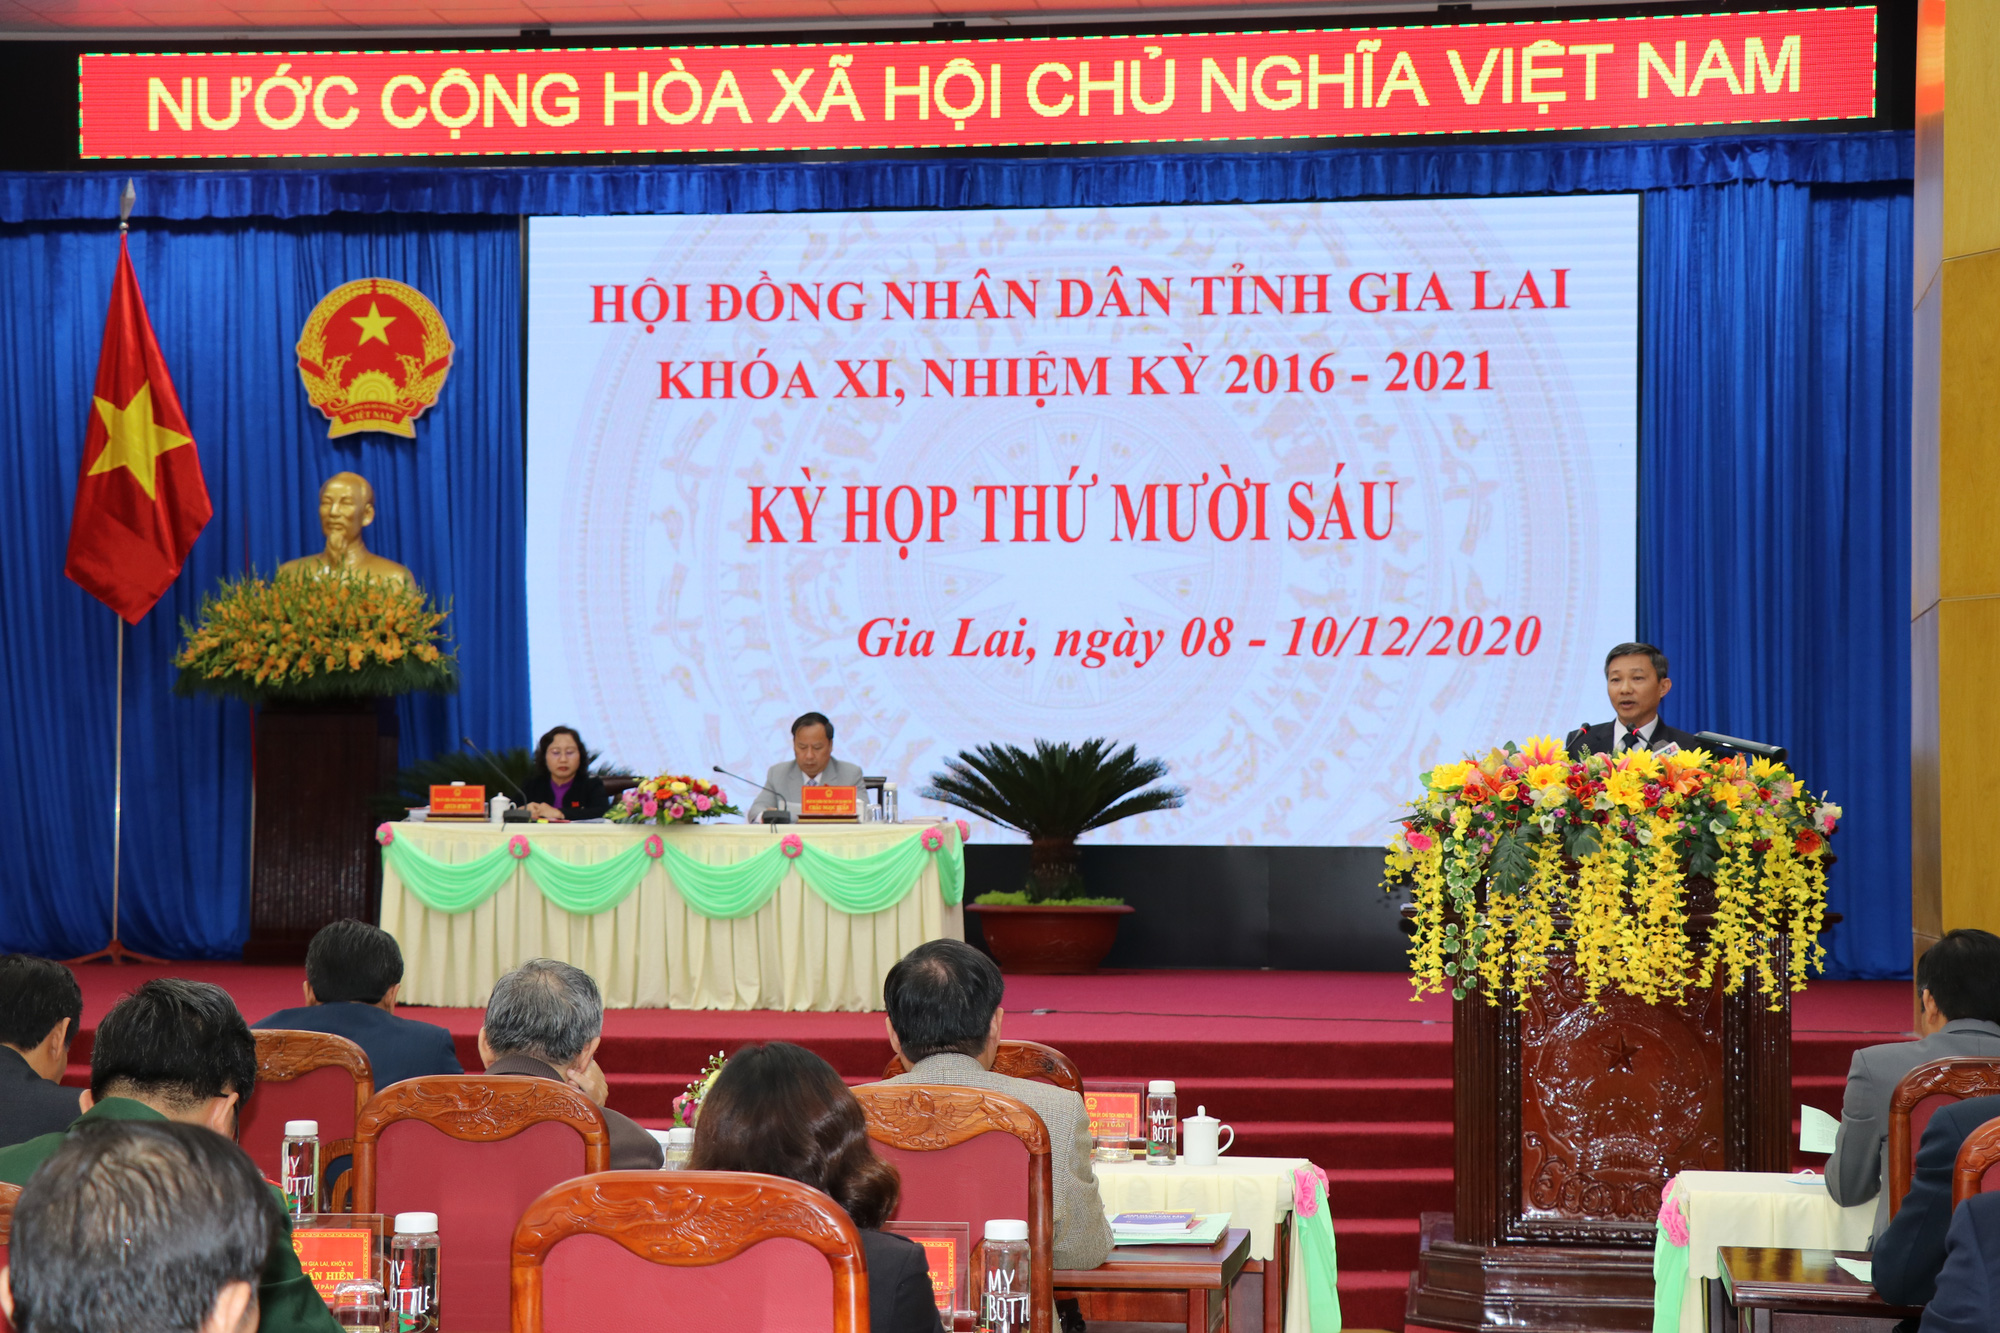 Kỳ họp HĐND tỉnh Gia Lai: Đoàn Giám sát báo cáo gì về thủy lợi Plei keo (!?) - Ảnh 4.